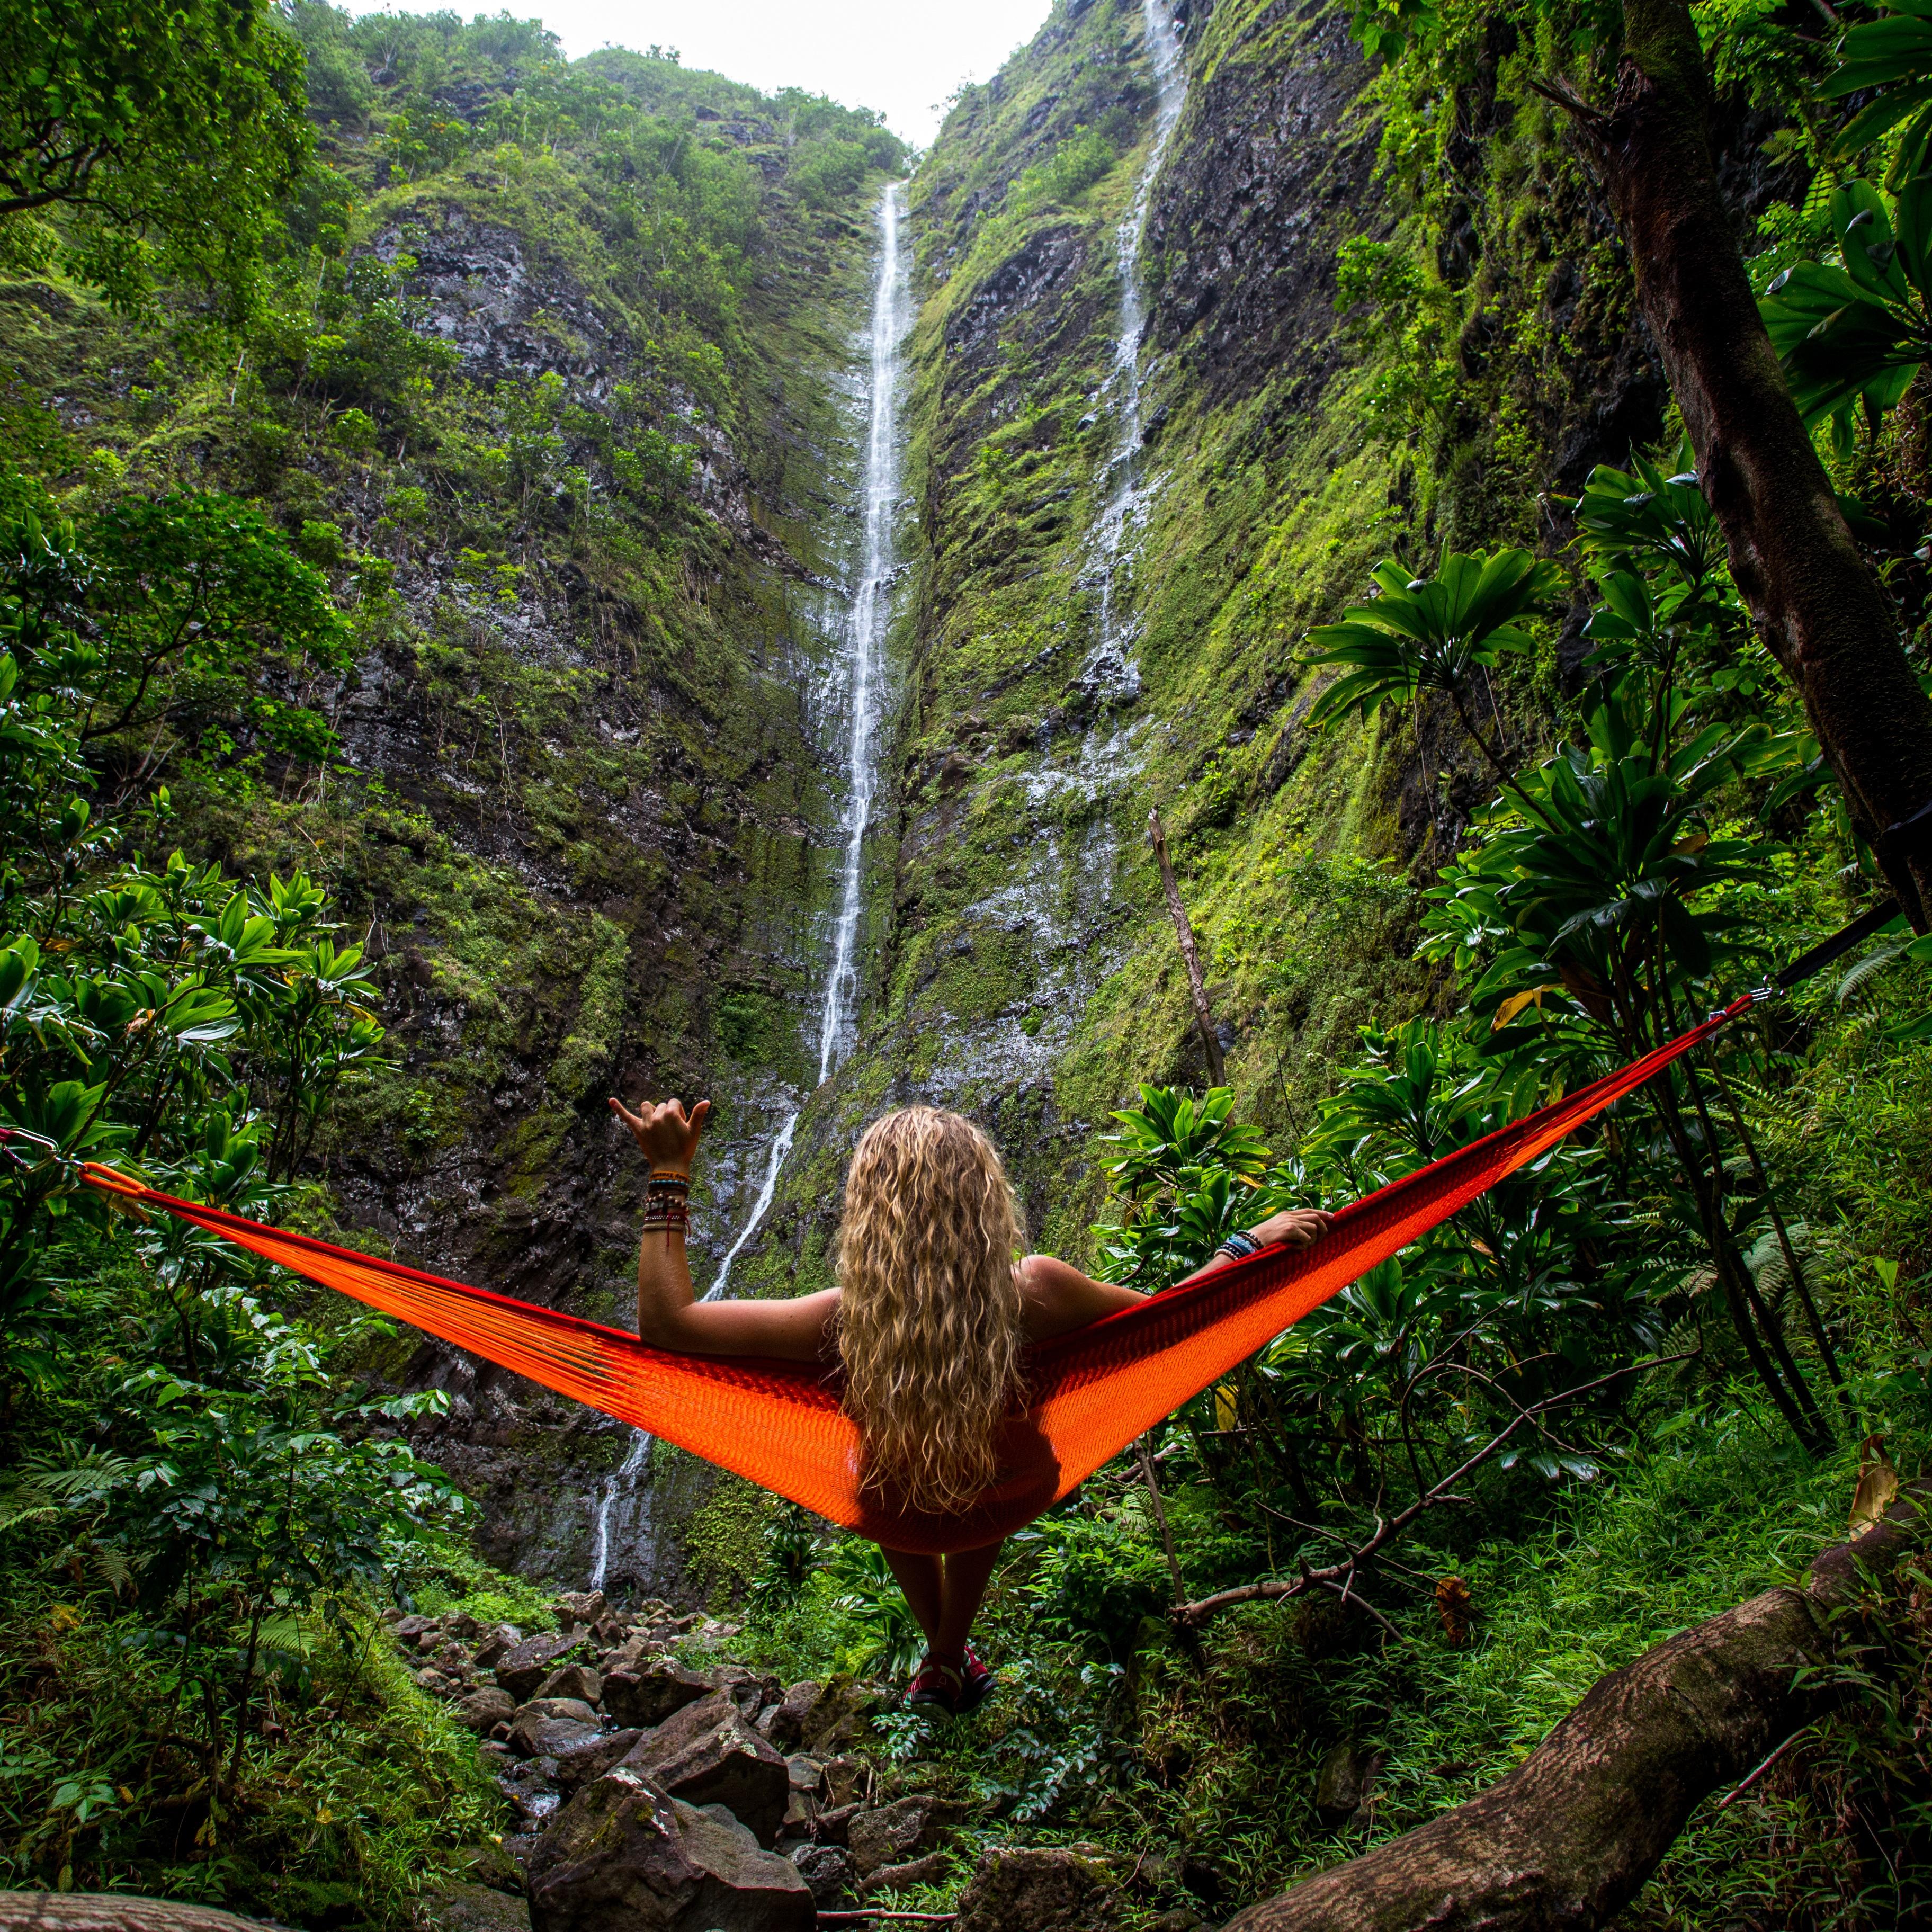 Images Gratuites Arbre La Nature Cascade Région Sauvage Plante